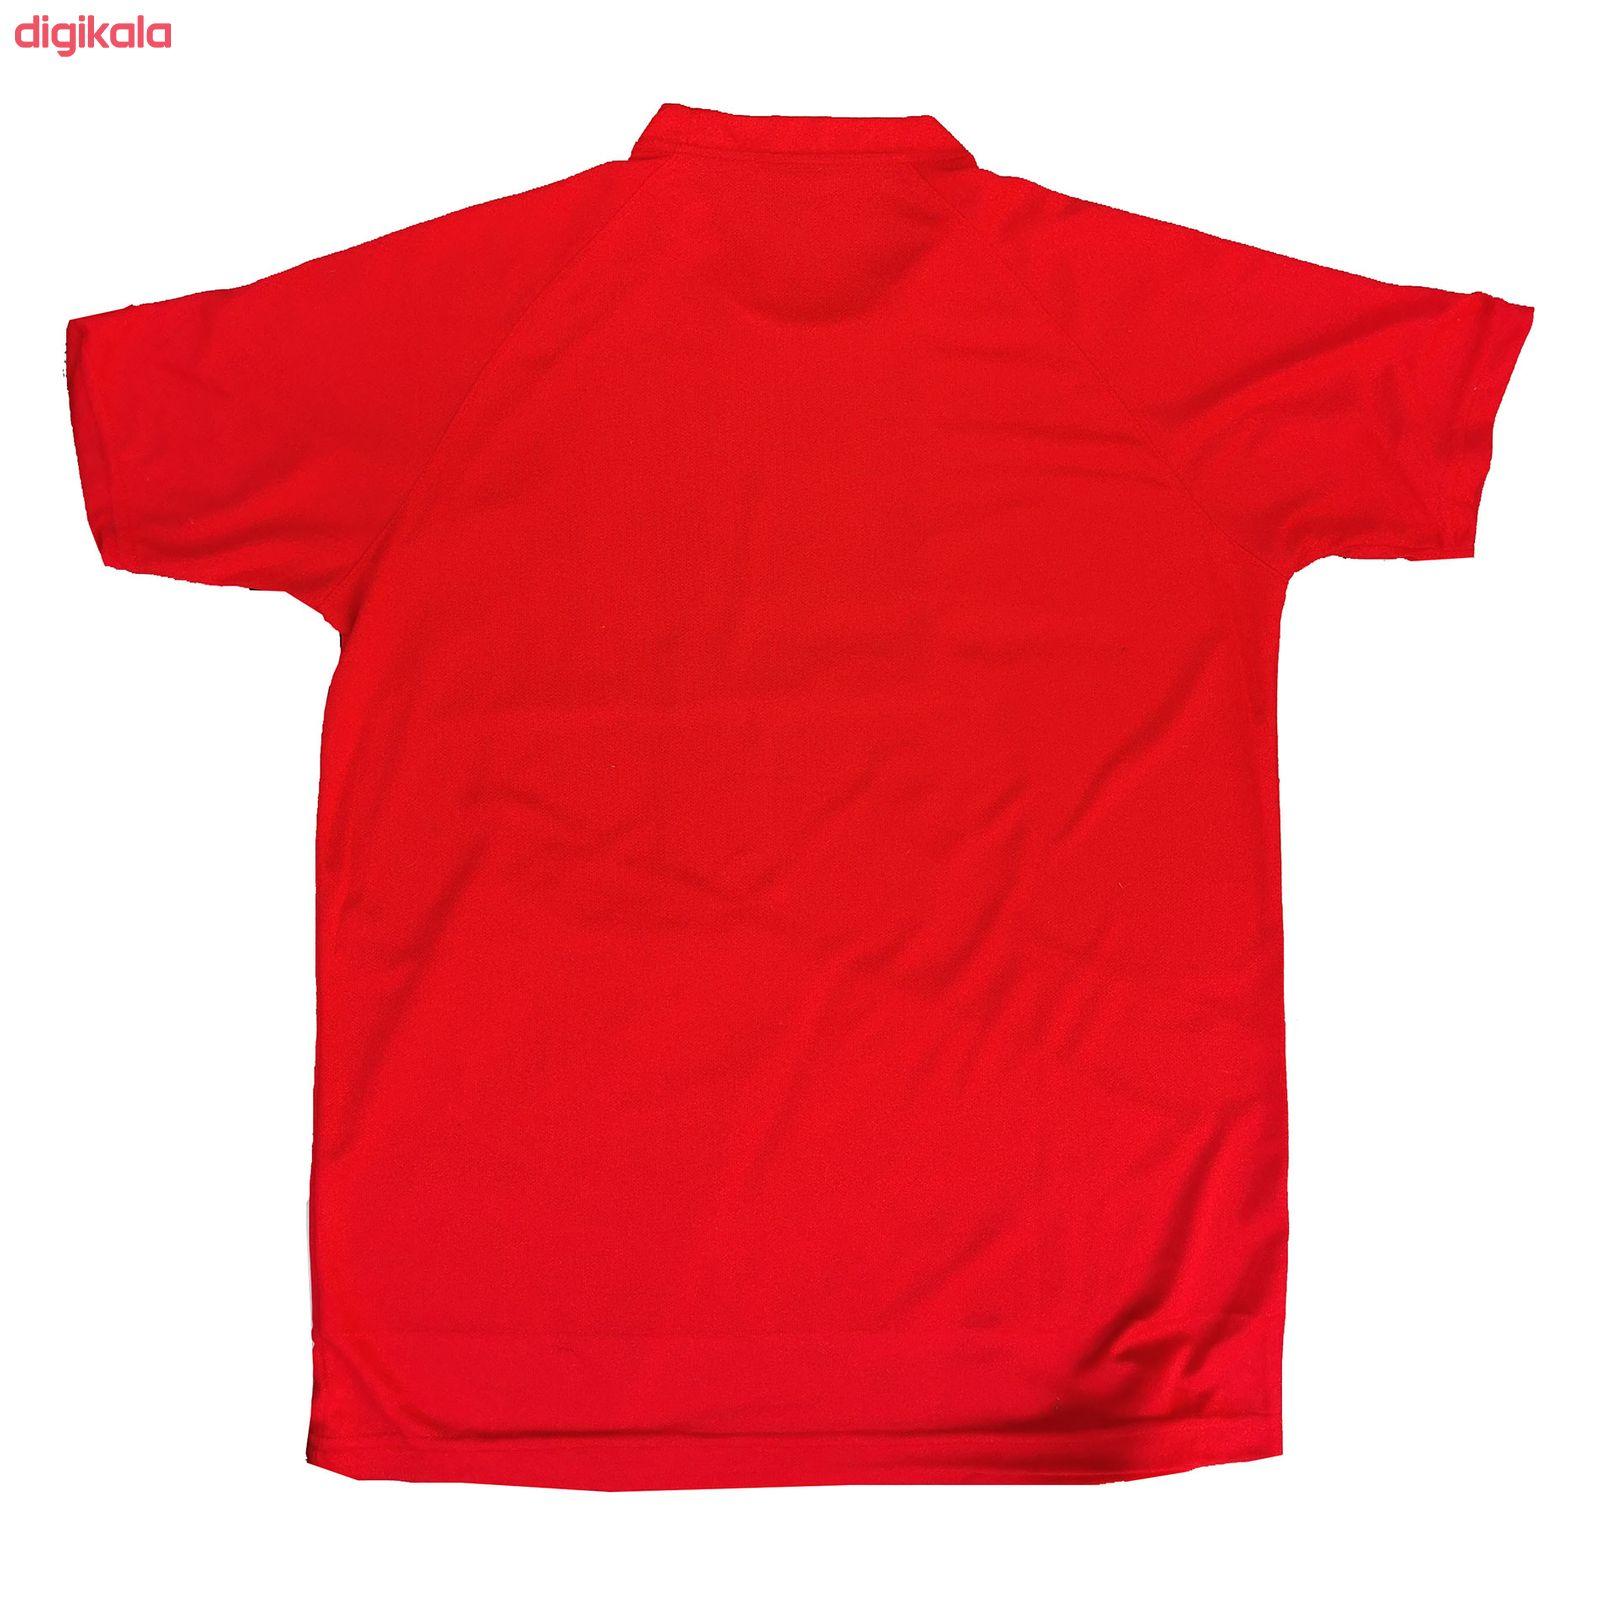 تیشرت آستین کوتاه مردانه ویلسون مدل ریتا کد 2 main 1 3